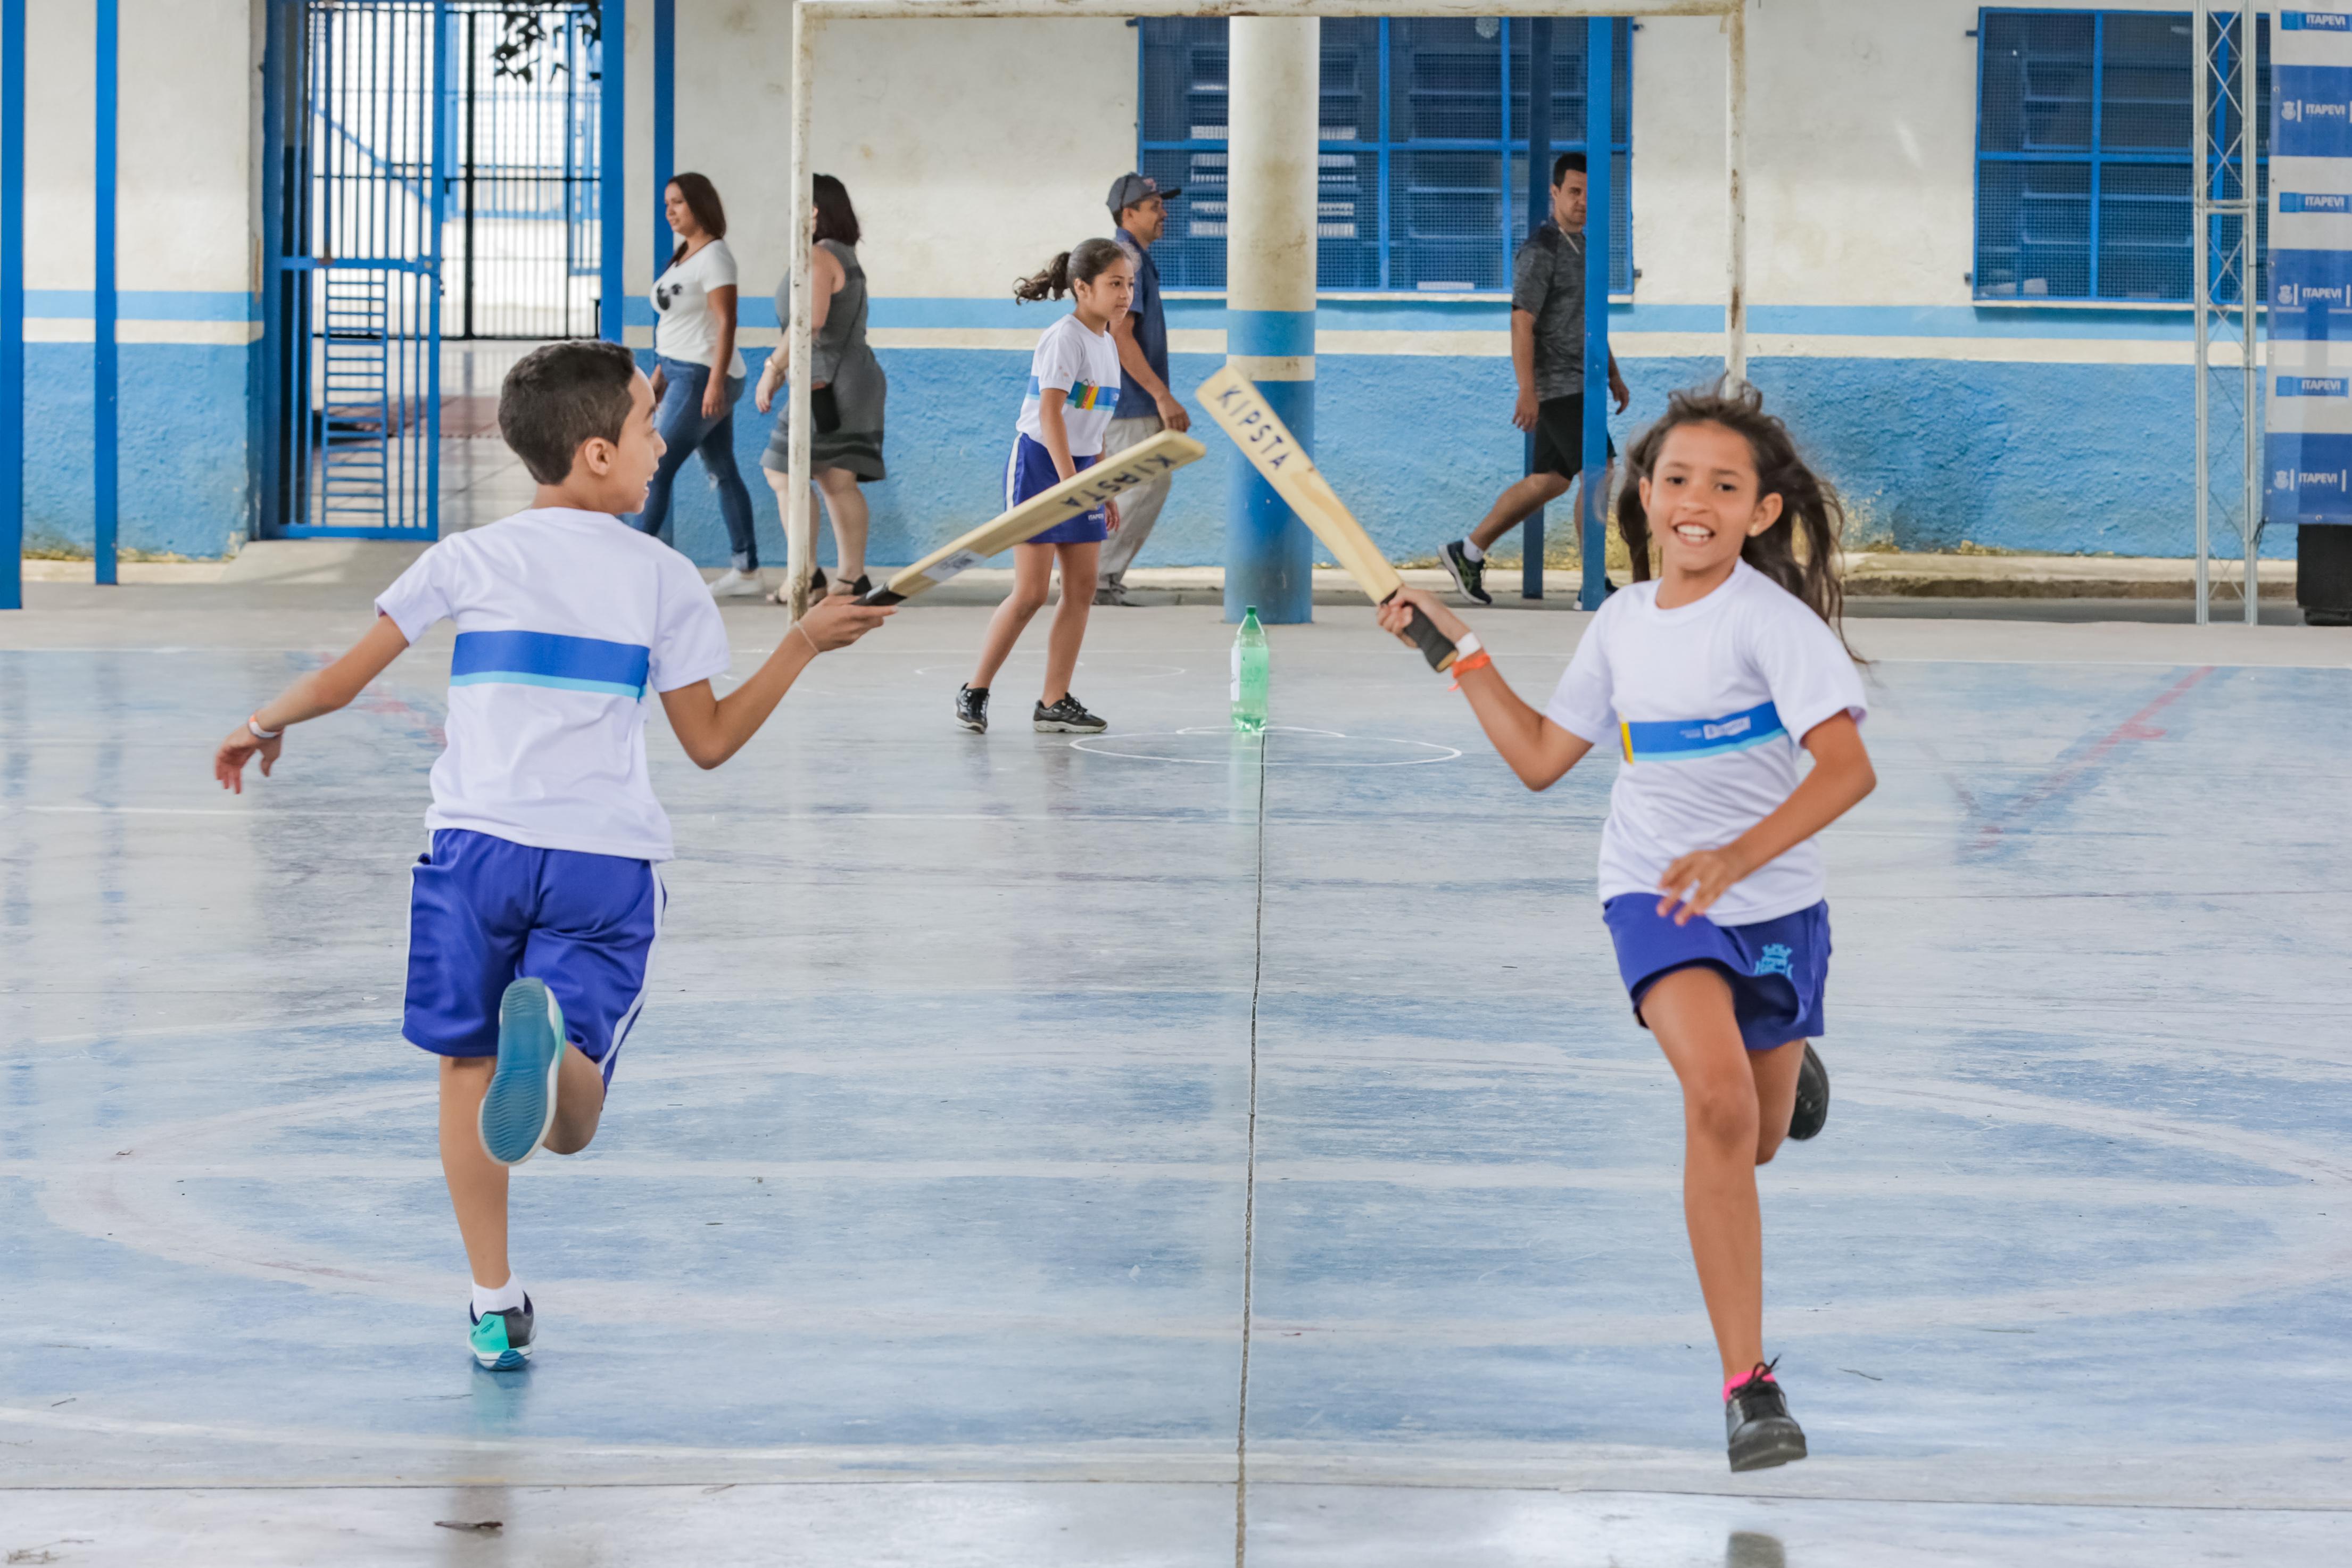 JEI inicia competição de jogo de taco em Itapevi - Agência Itapevi